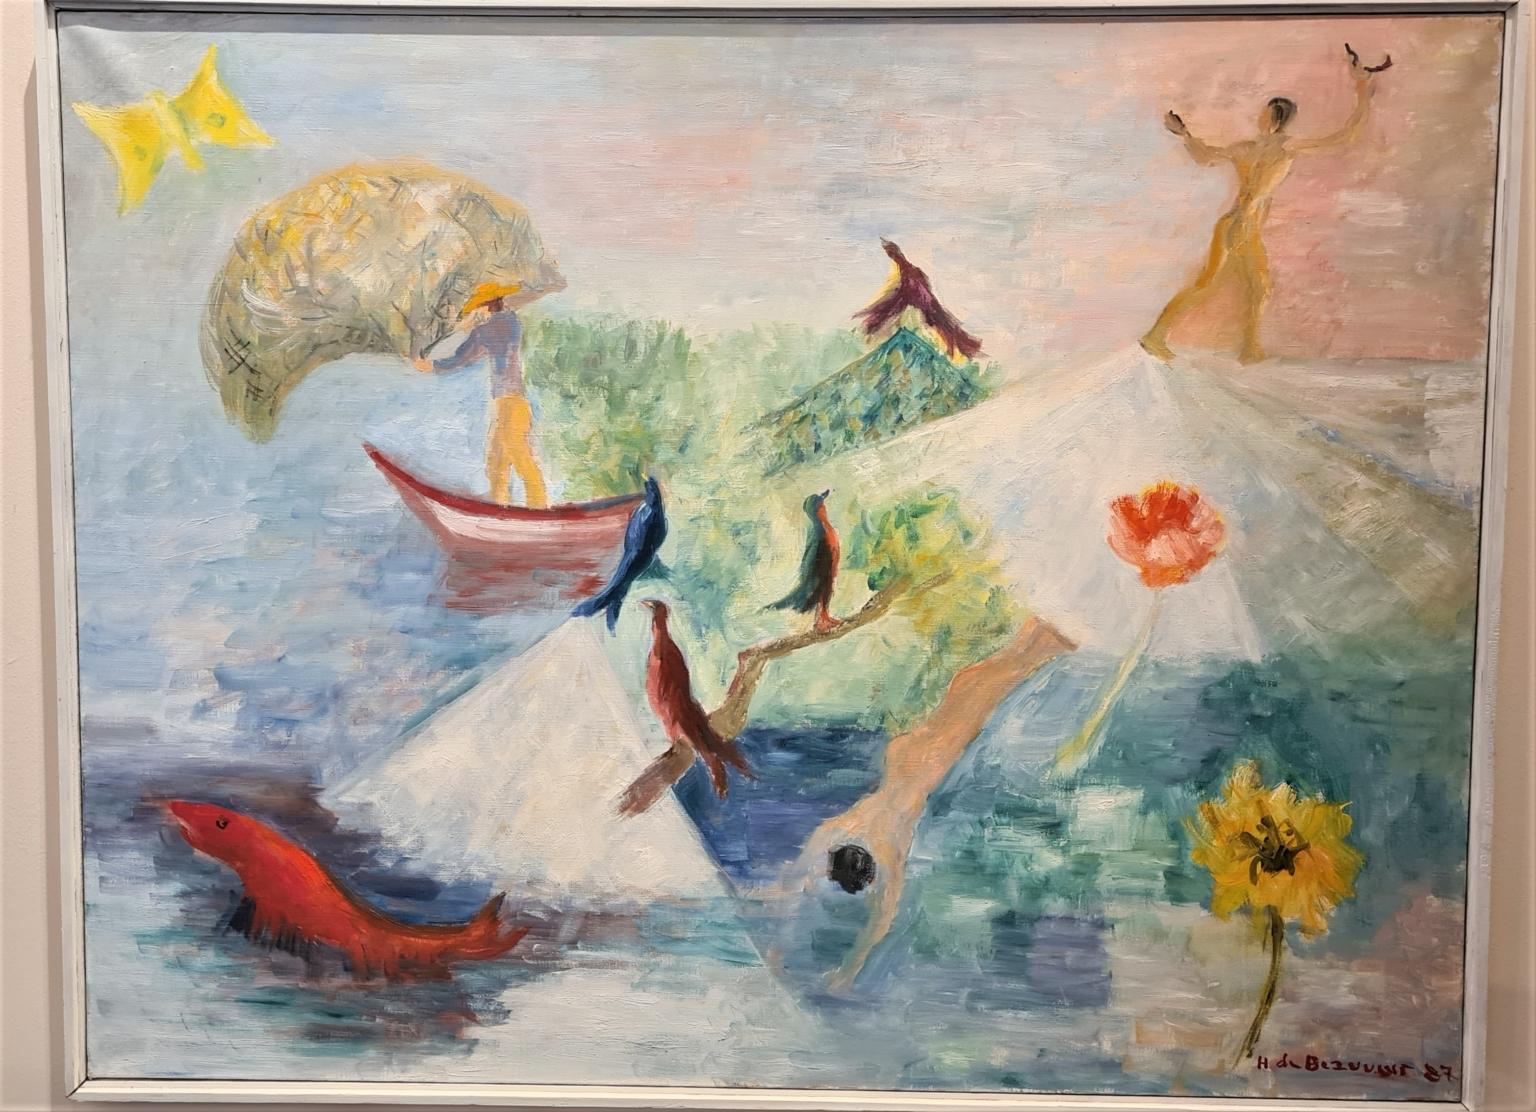 Bild des Werkes mit dem Titel: Un voilier et les oiseaux (Ein Segelboot und Vögel)